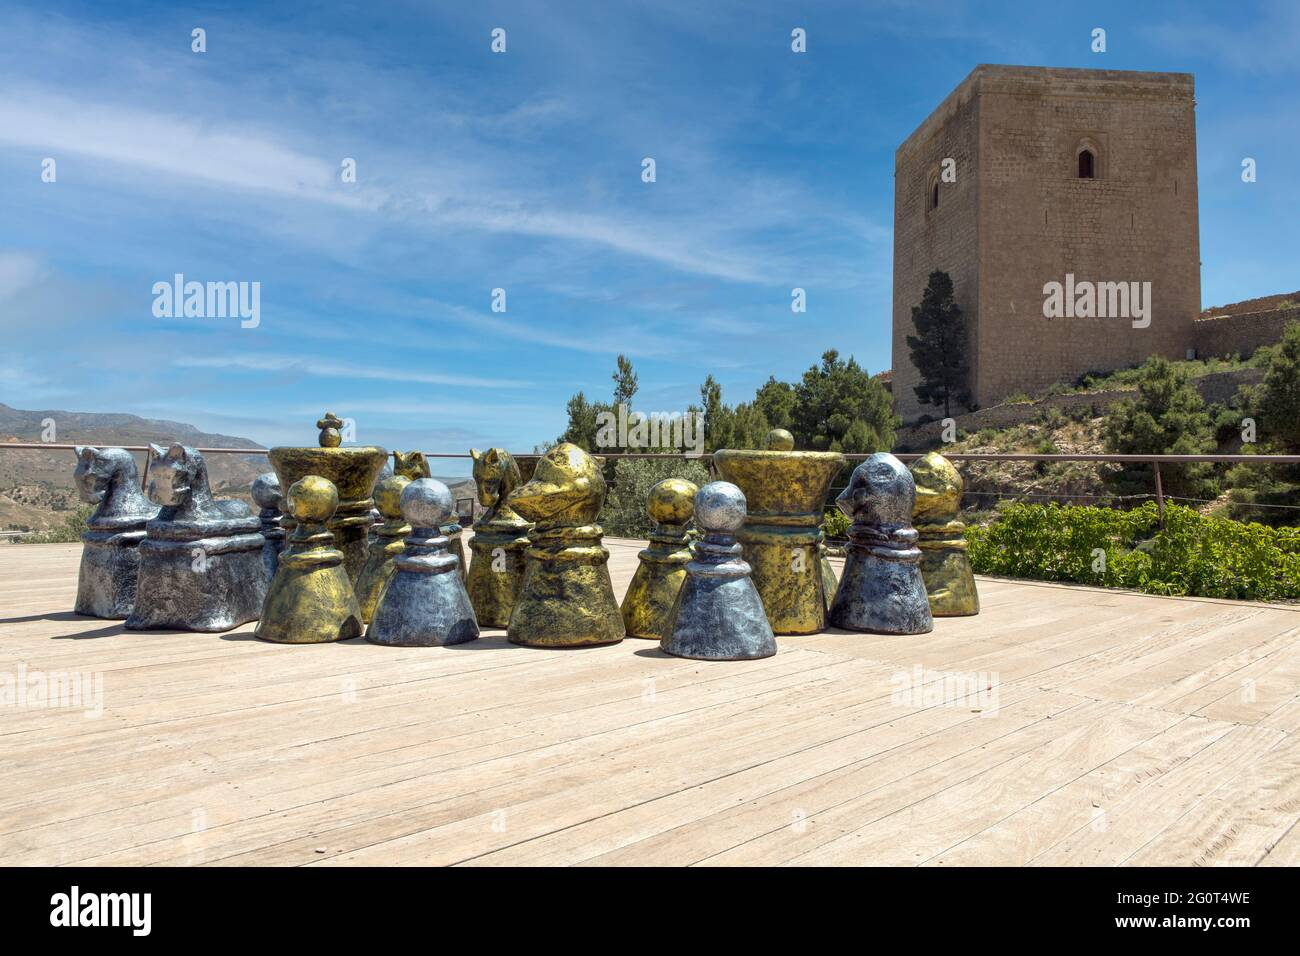 Dans le château médiéval de Lorca, Espagne. Échecs géants sur une plate-forme avec vue sur la tour de défense Banque D'Images